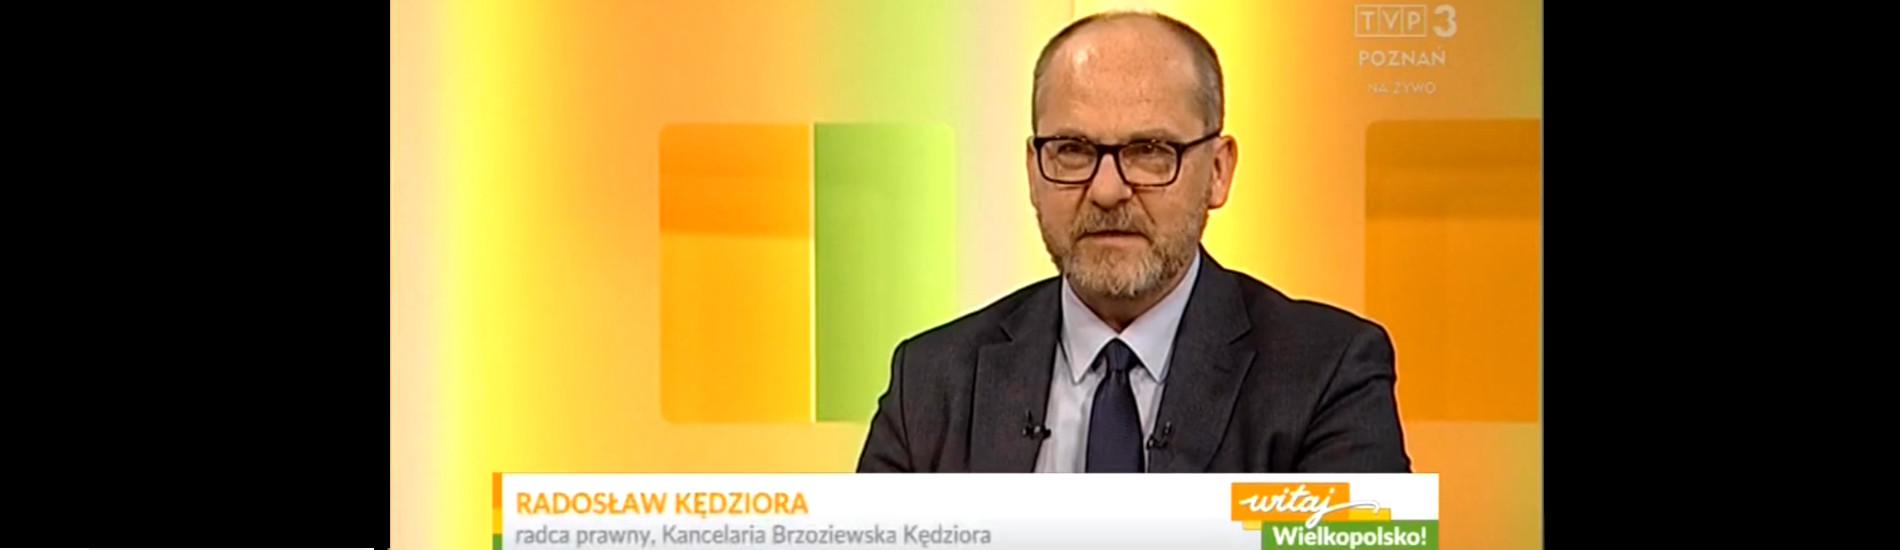 Wakacje w cieniu koronawirusa – mecenas Kędziora gościem TVP3